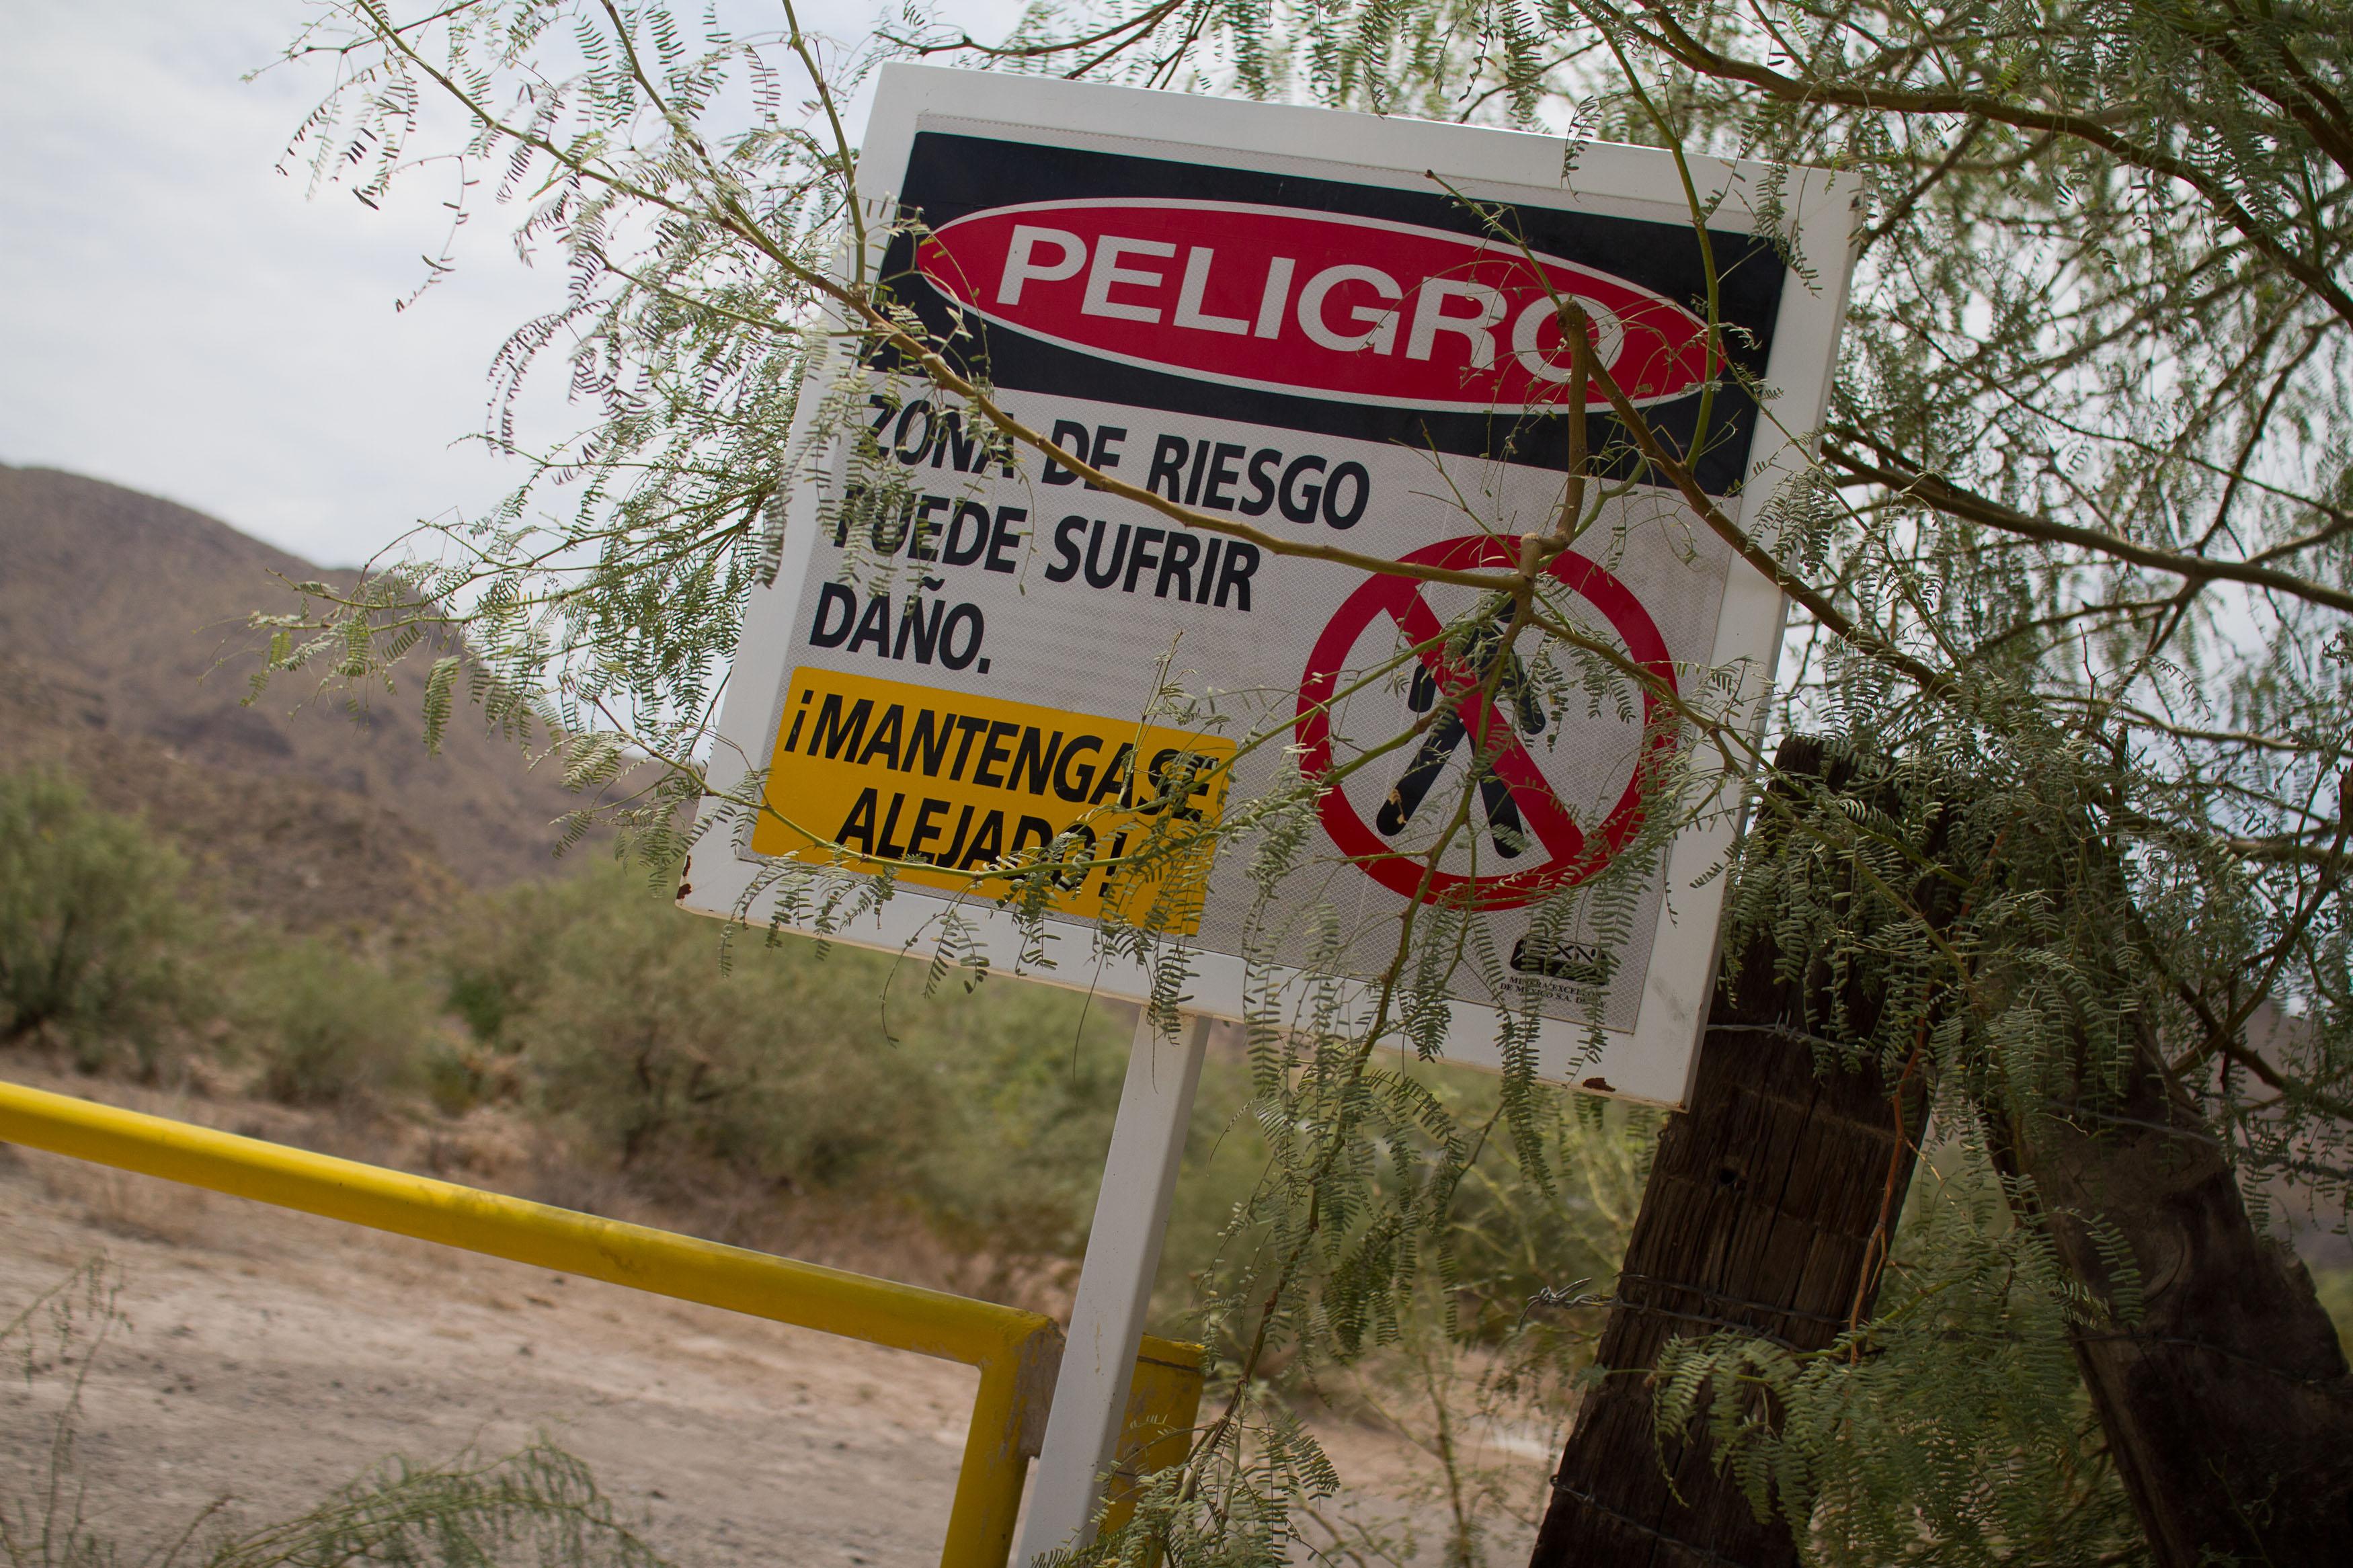 Ejidatarios de La Sierrita, en Durango, buscan evitar conflicto intercomunitario por liberación del pago de la renta de sus tierras a la minera canadiense Excellon